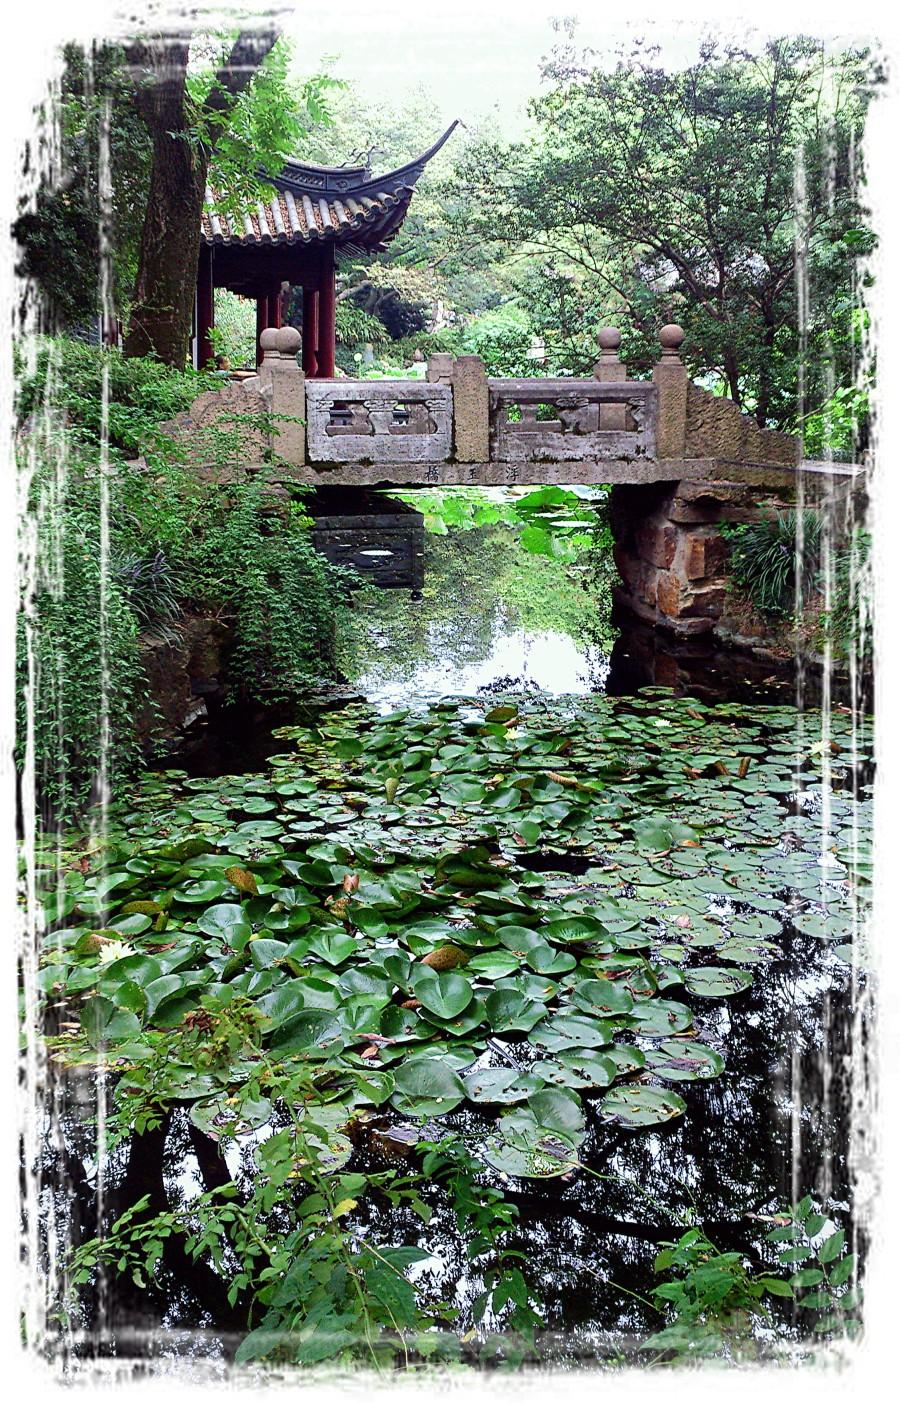 查看《楼台-亭榭-流水-石桥》原图,原图尺寸:2258x3520